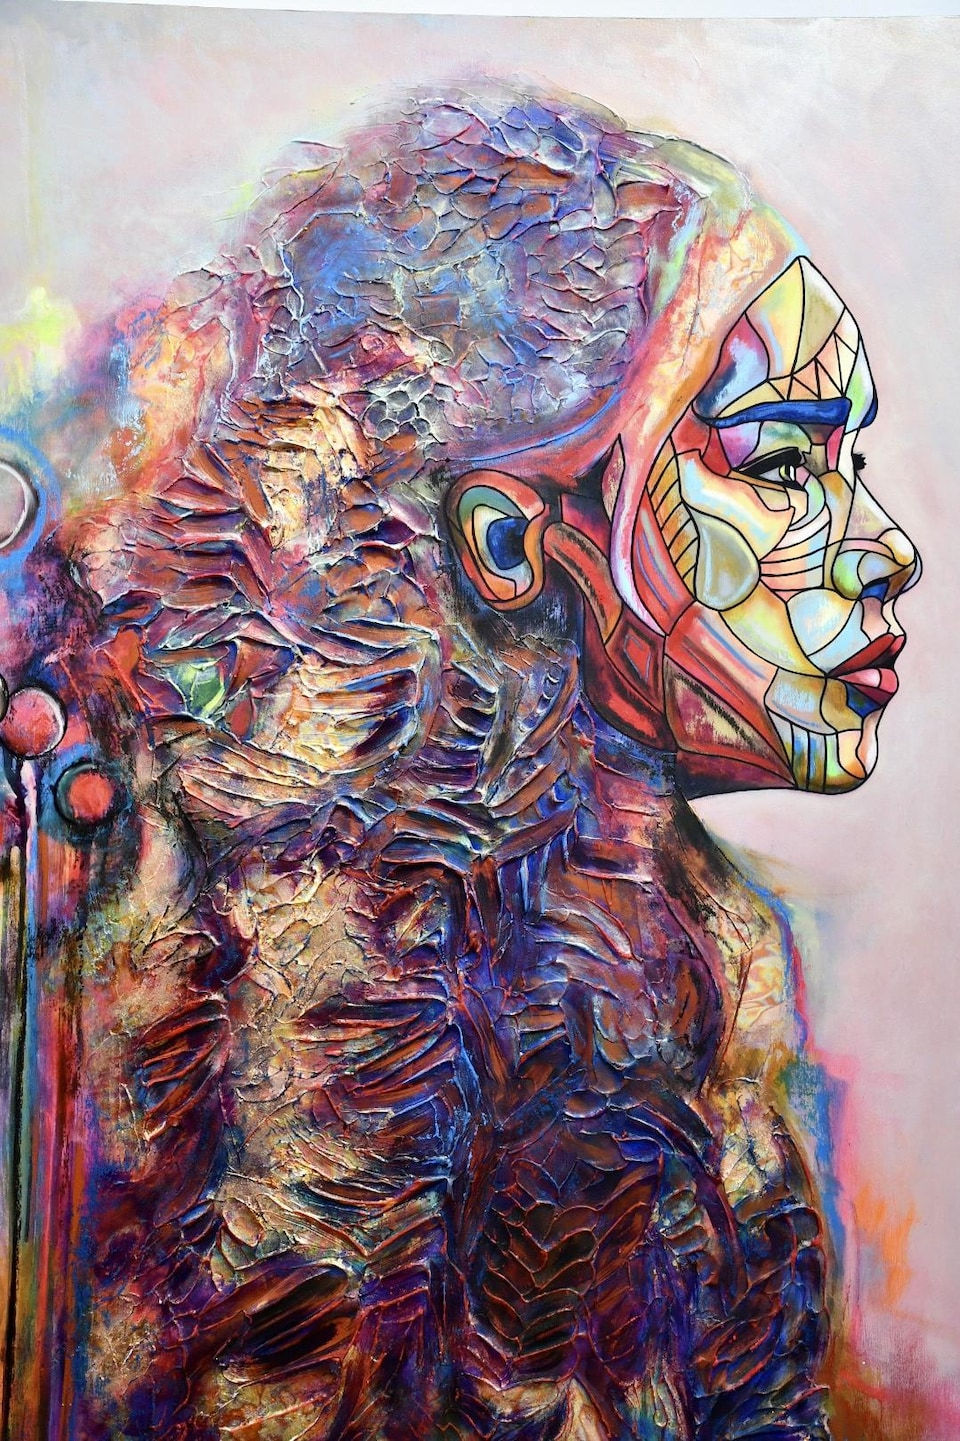 Une femme est dépeinte sur une toile d'Anicko.